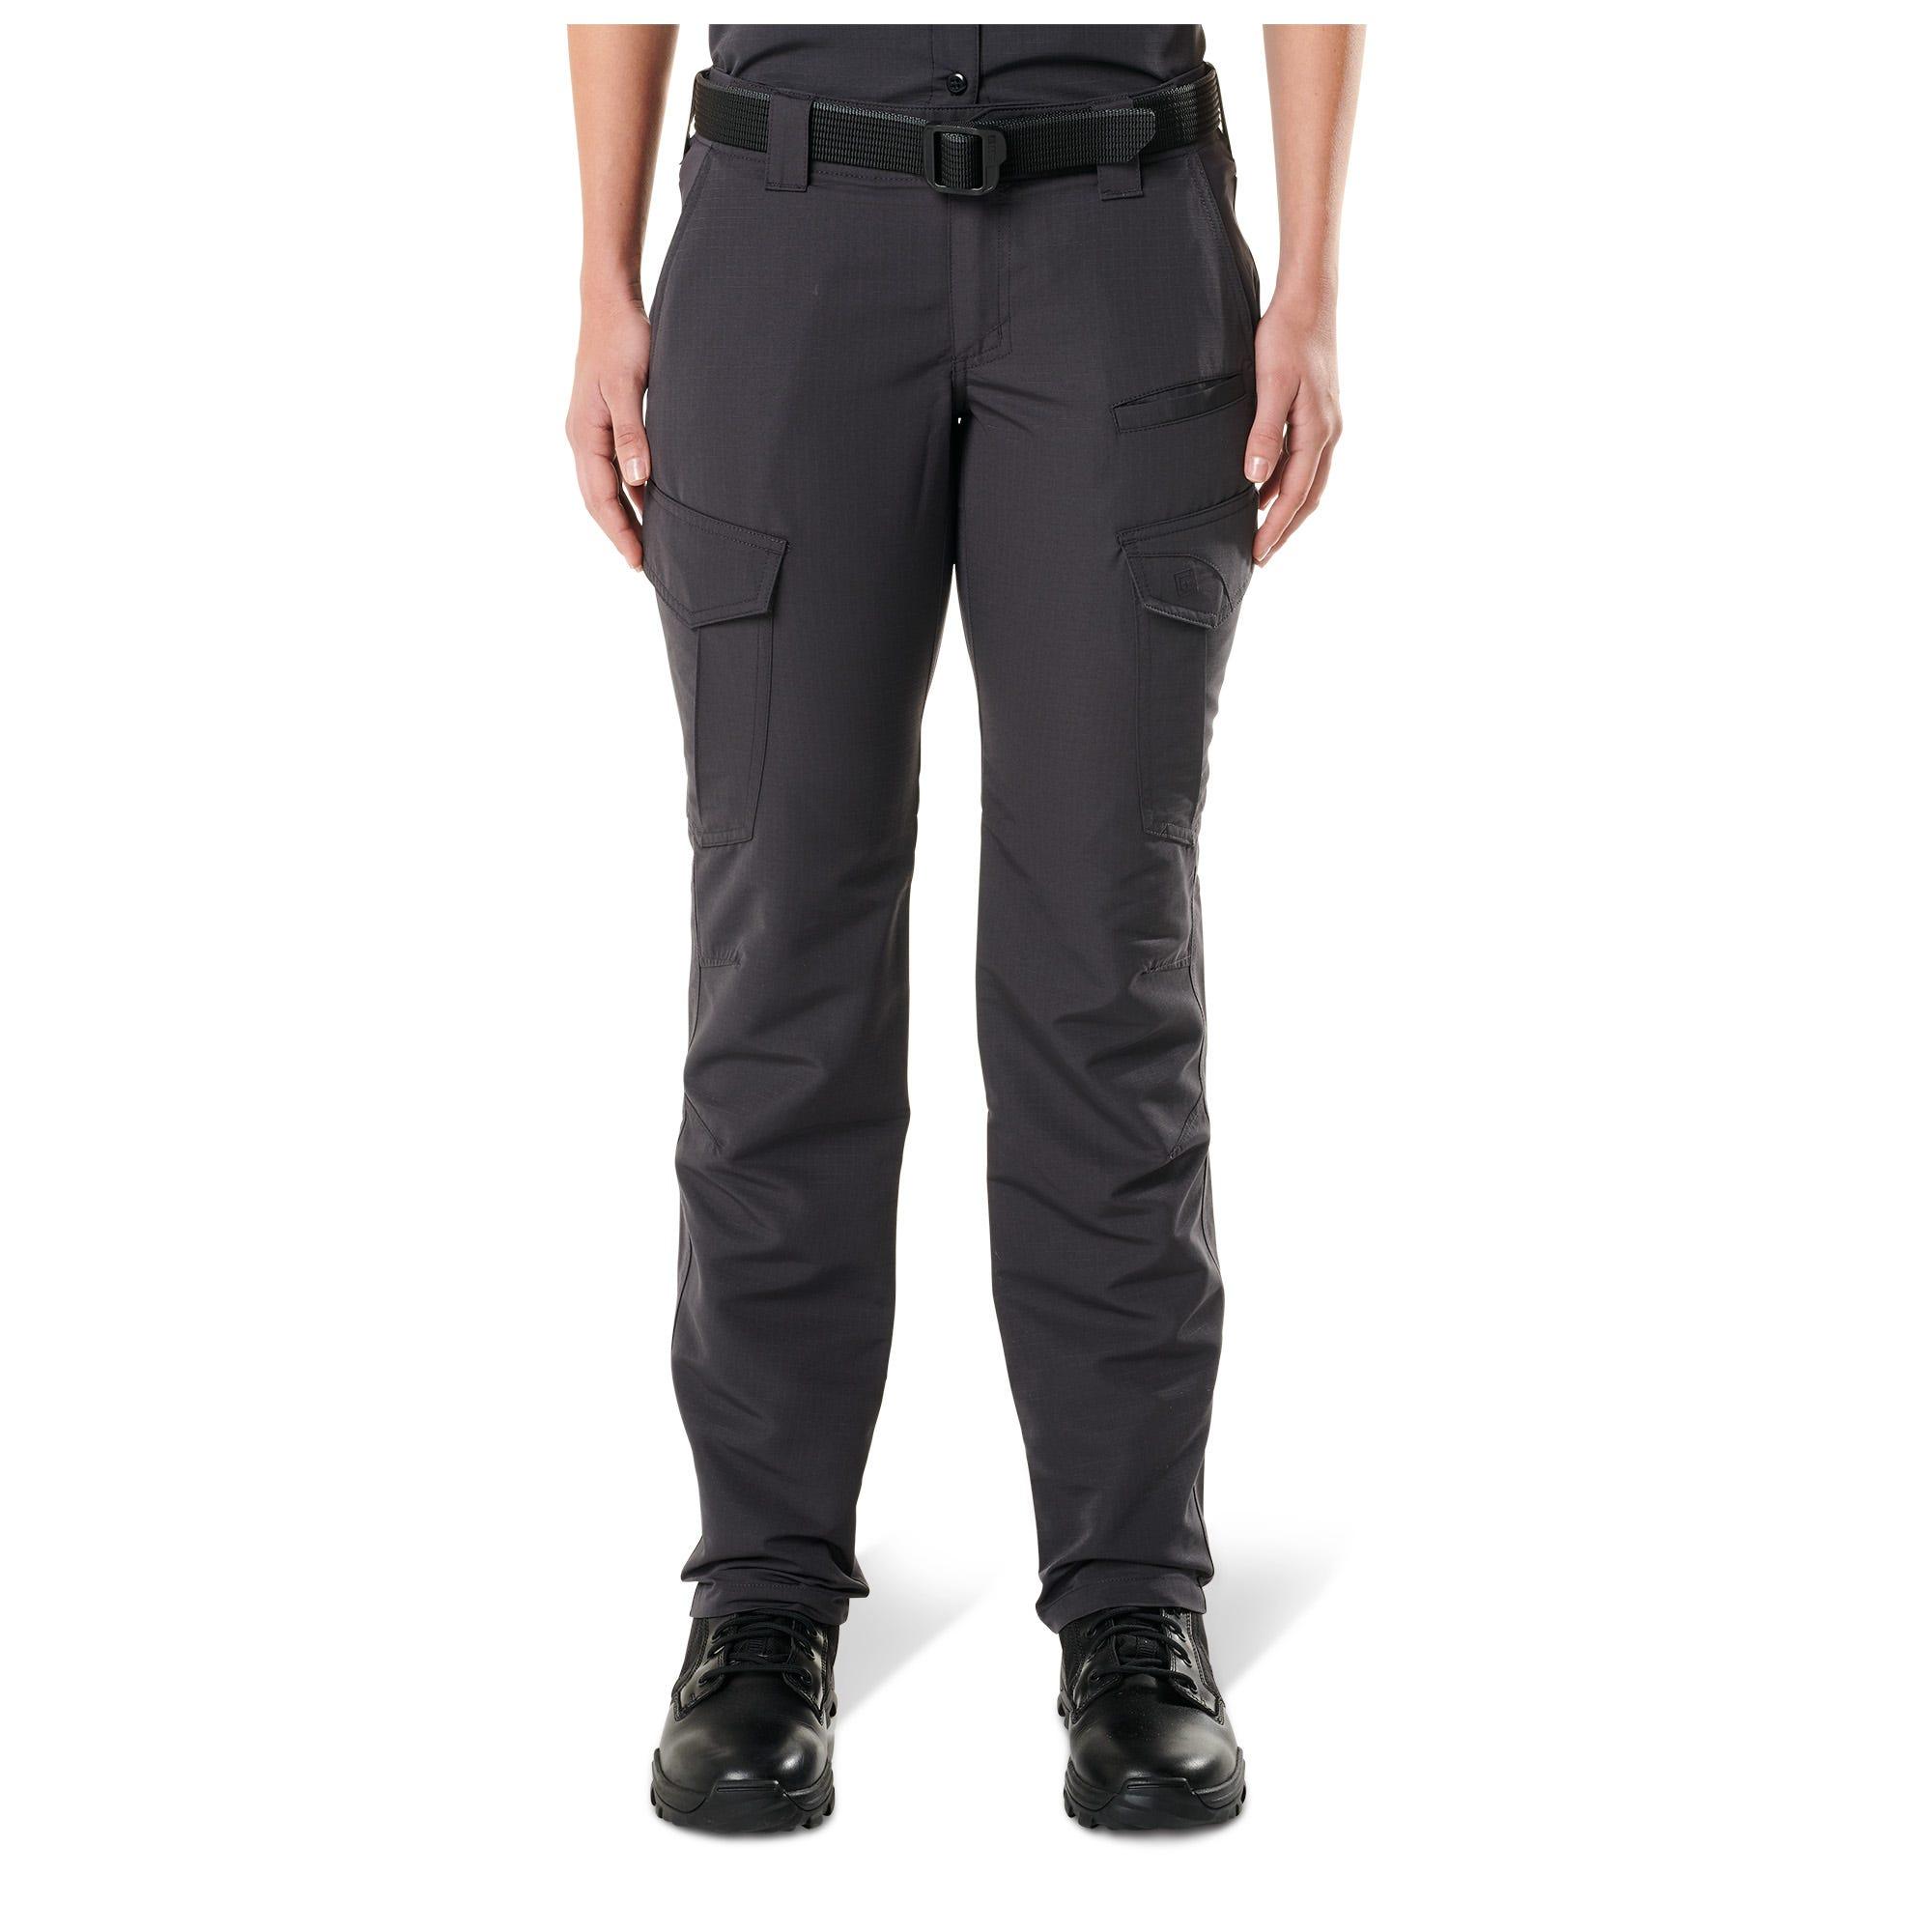 5.11 Tactical Women's Fast-Tac Cargo Pant (Khaki/Tan)